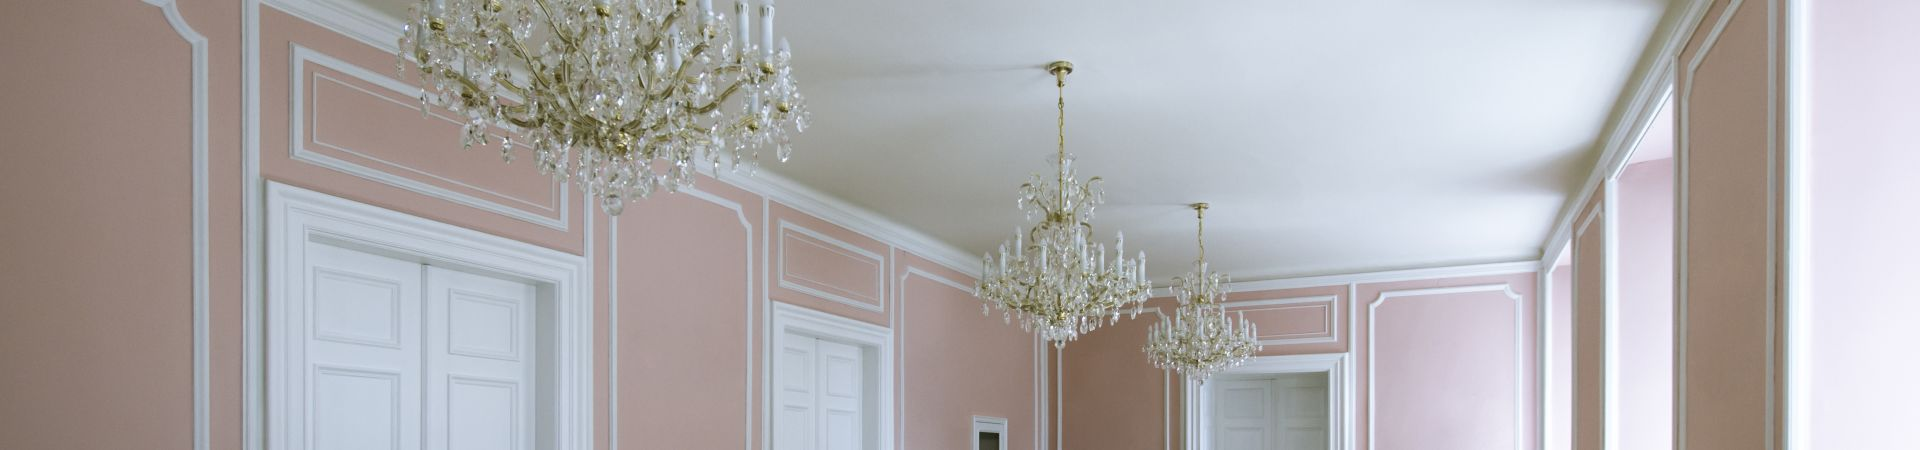 Hartigovský palác - Růžový sál